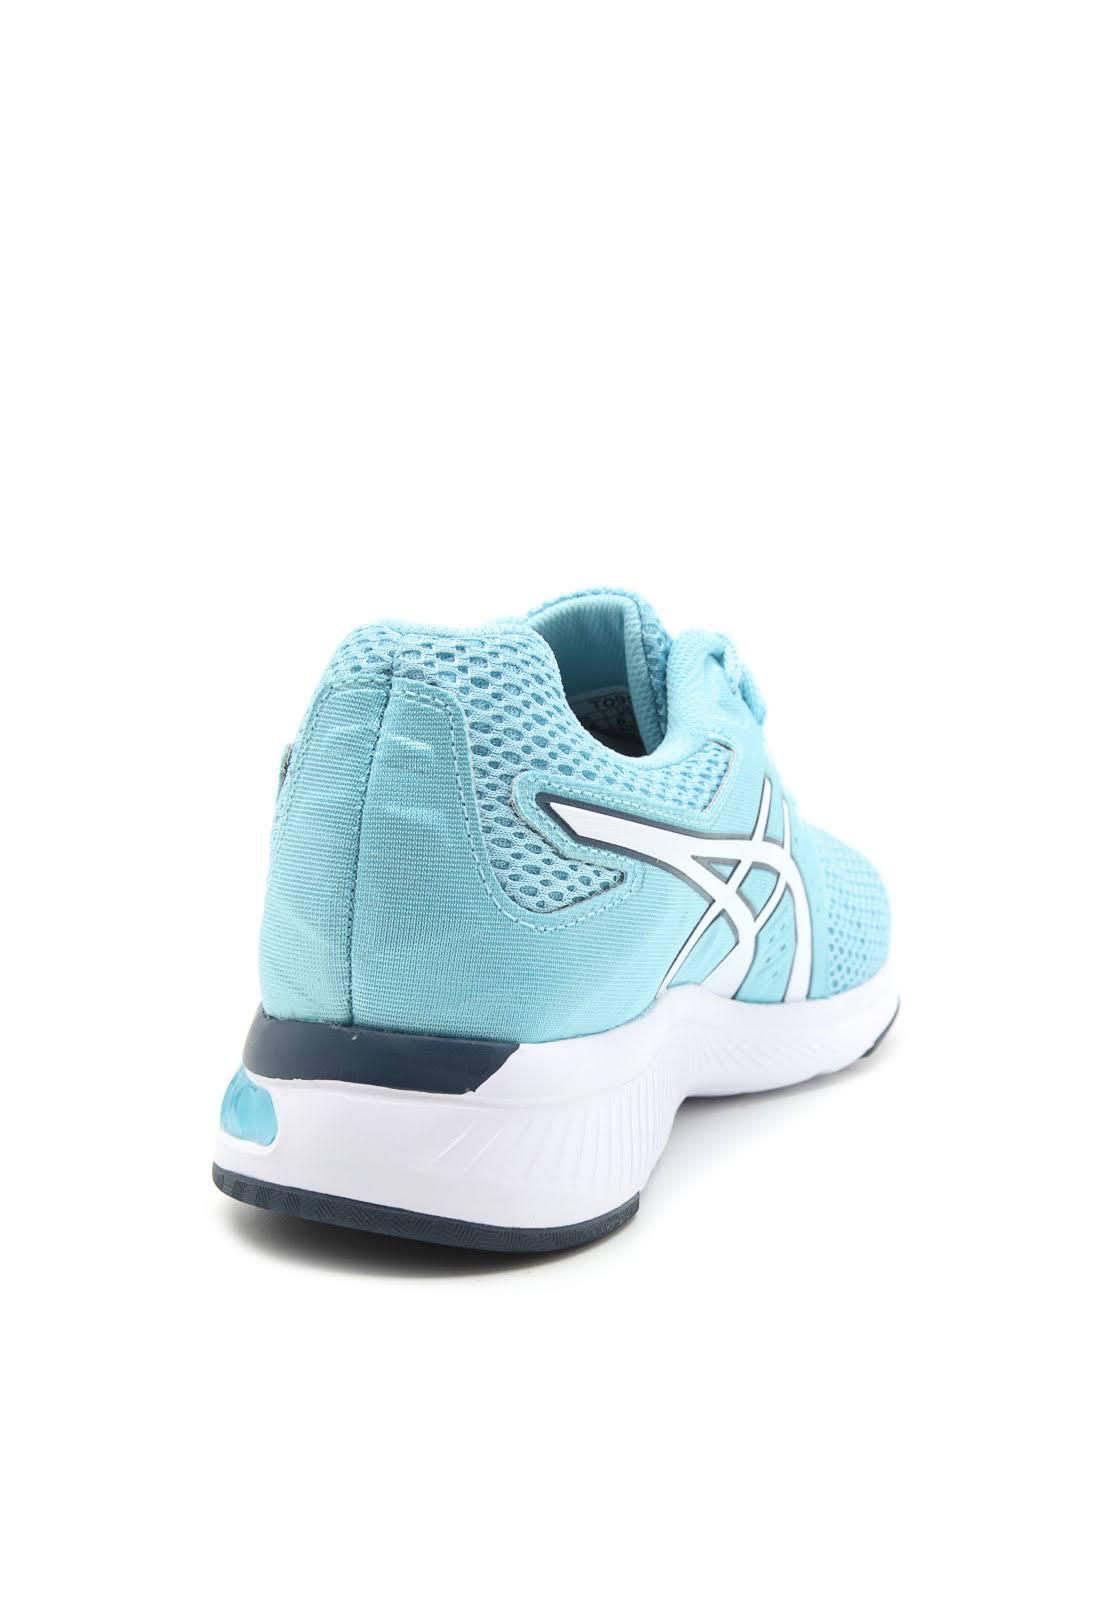 36 moya Asics Claro Azul Gel Tenis Feminino z7xY0n